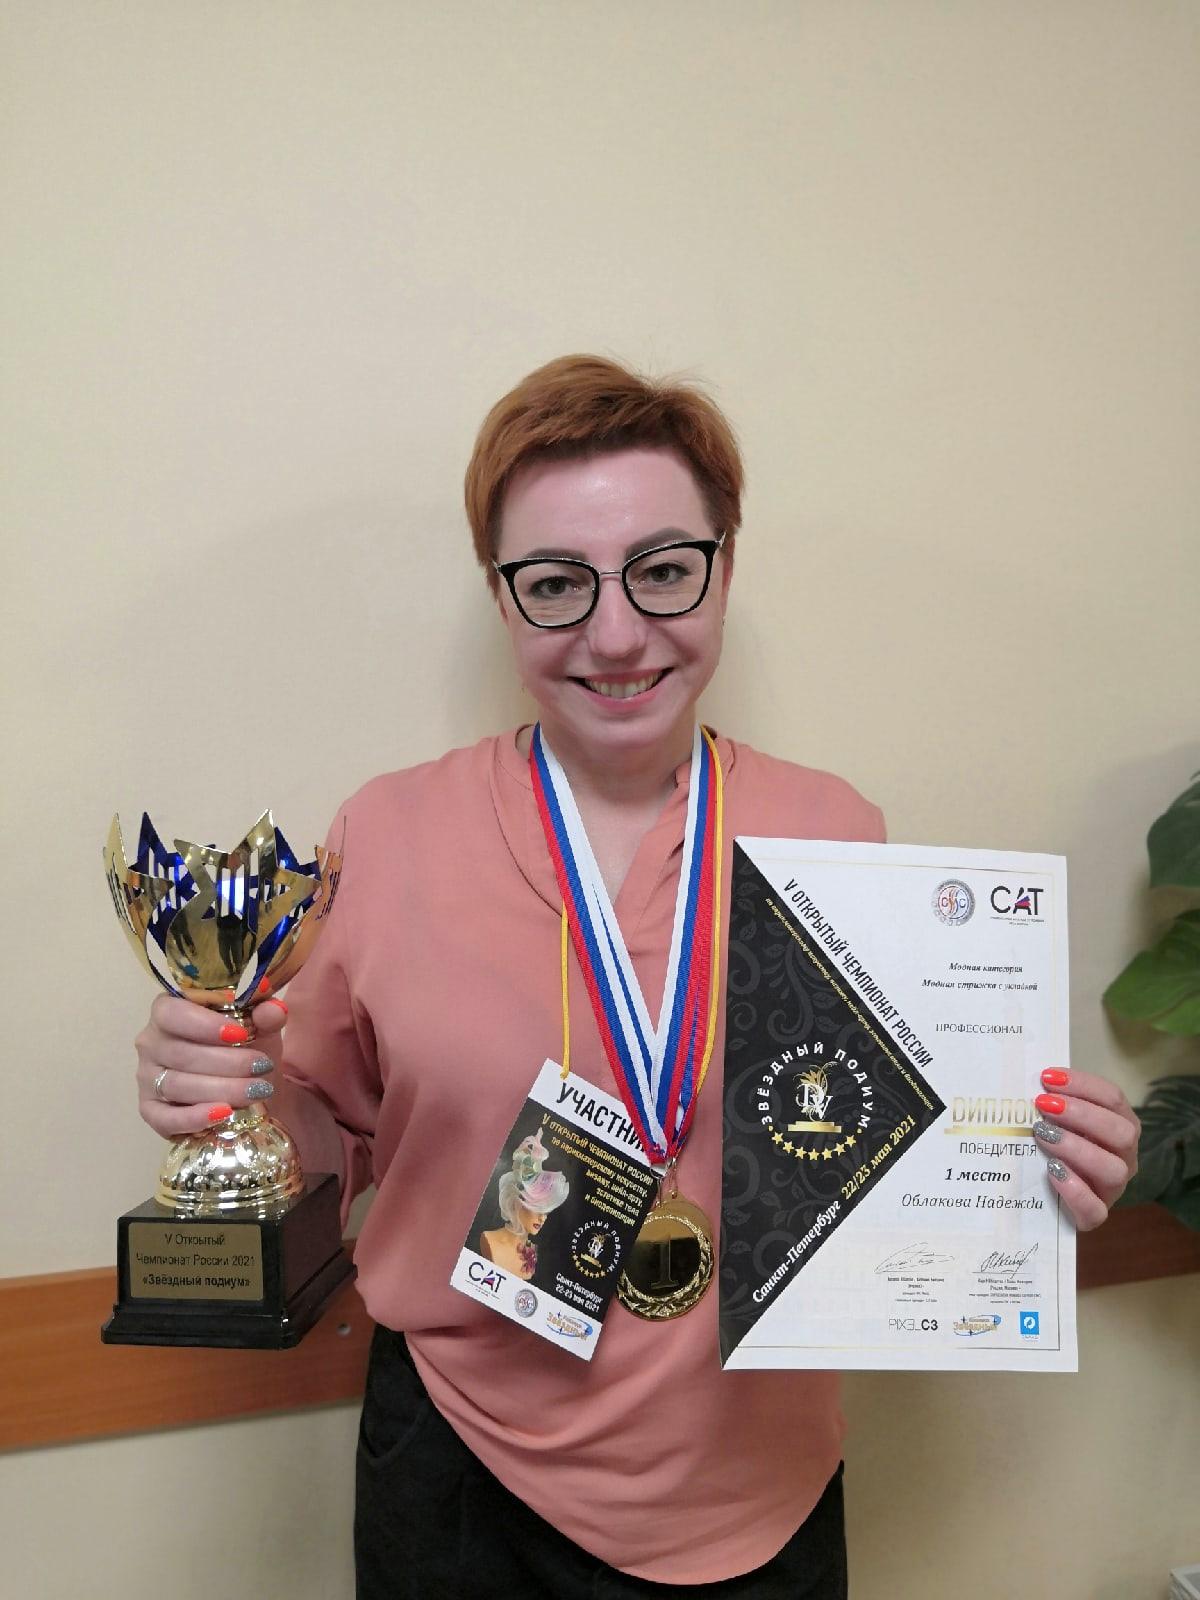 Ярославна примет участие в чемпионате мира по парикмахерскому искусству